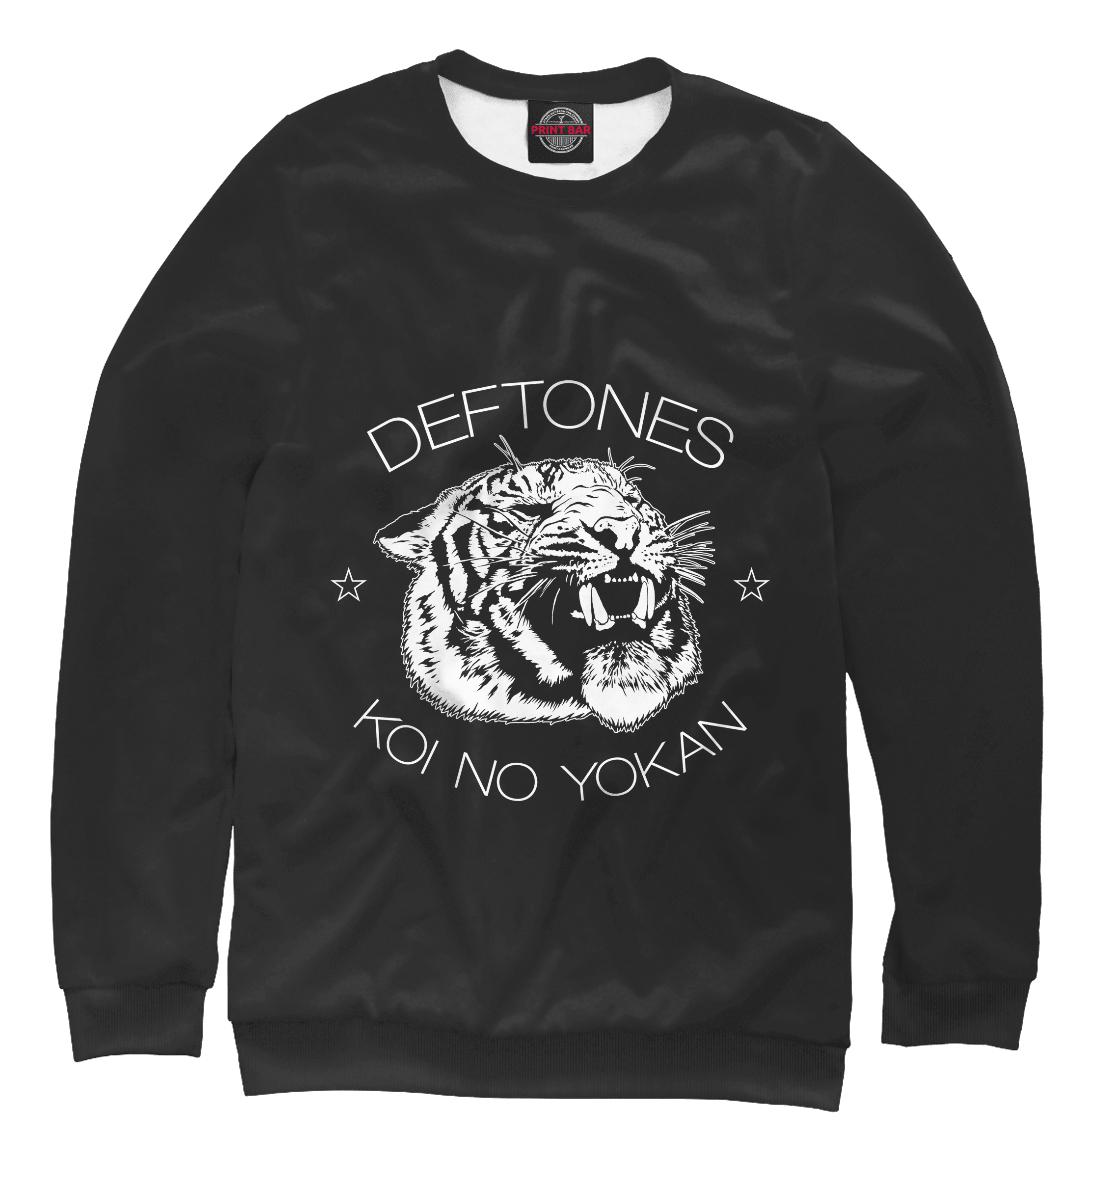 Купить Deftones, Printbar, Свитшоты, MZK-703142-swi-2